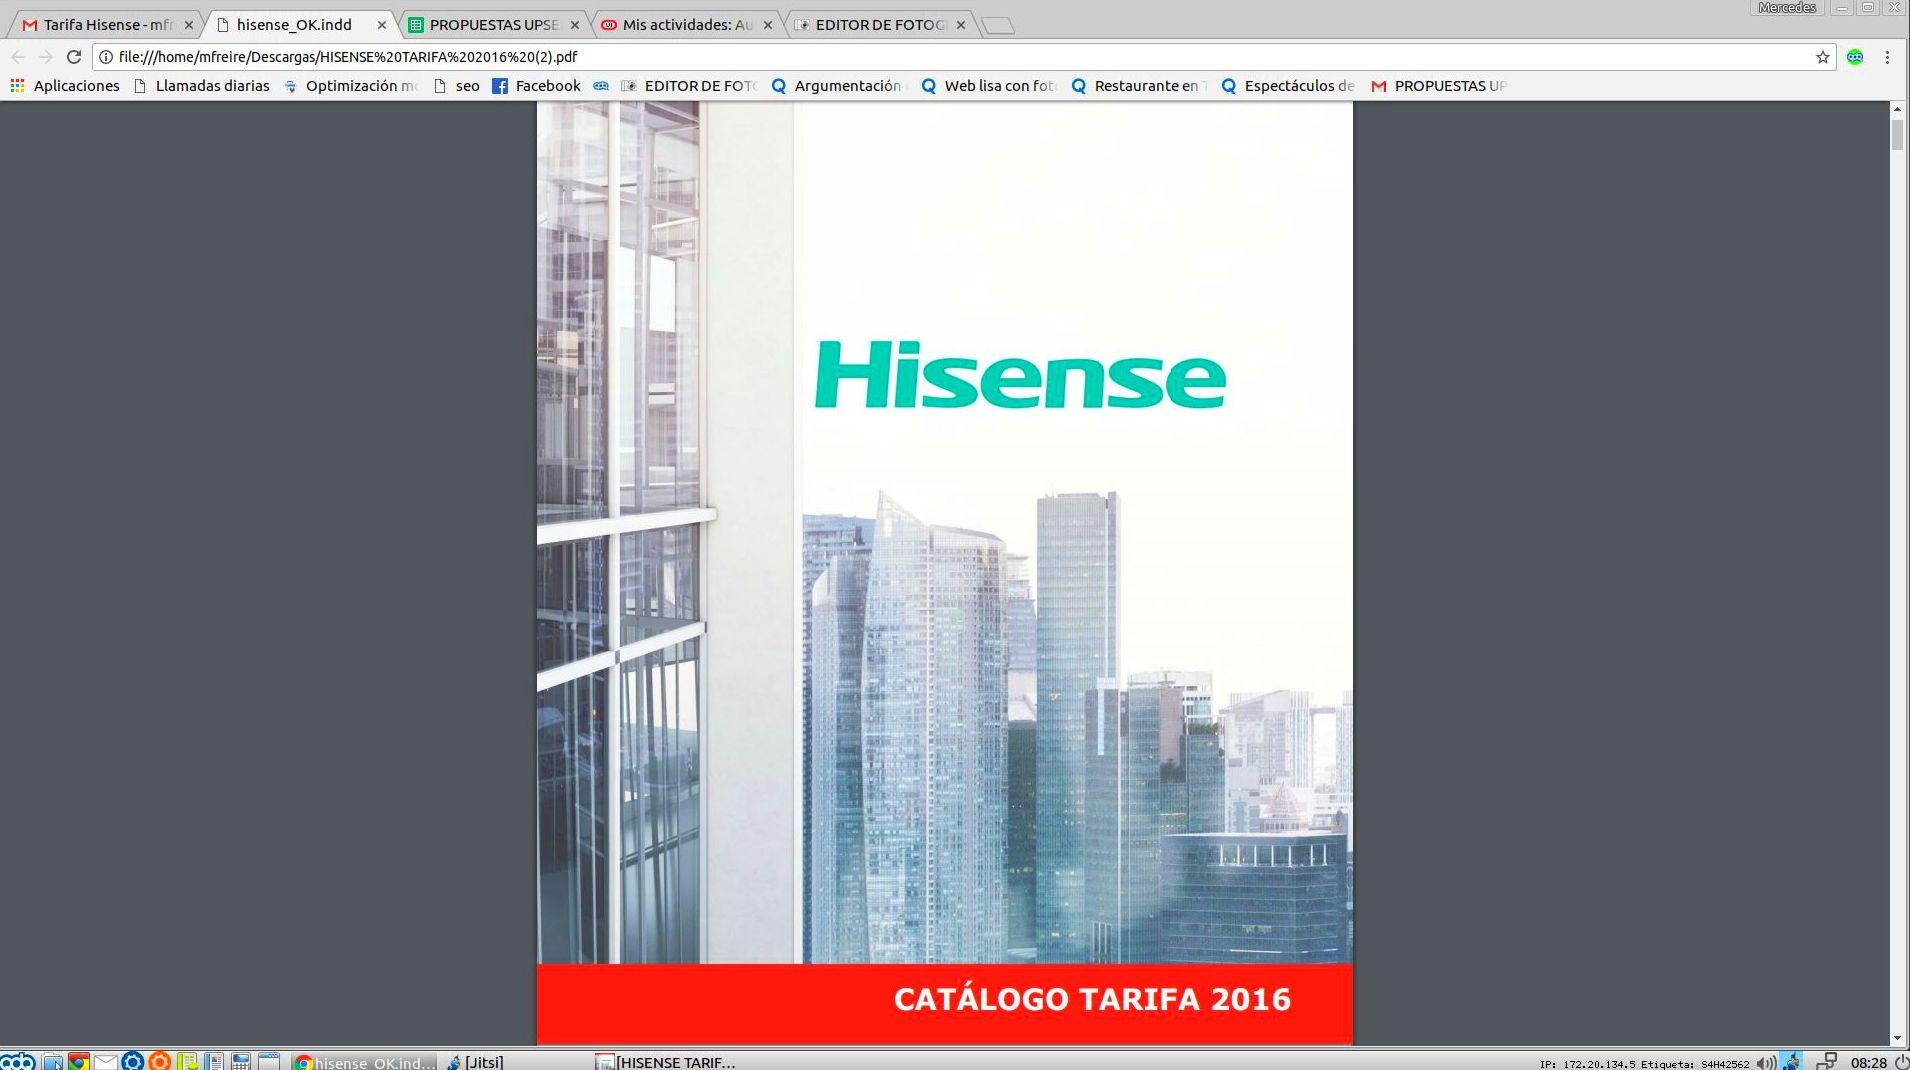 Hisense: Obras, Servicios y Tarifas de Clima Renova